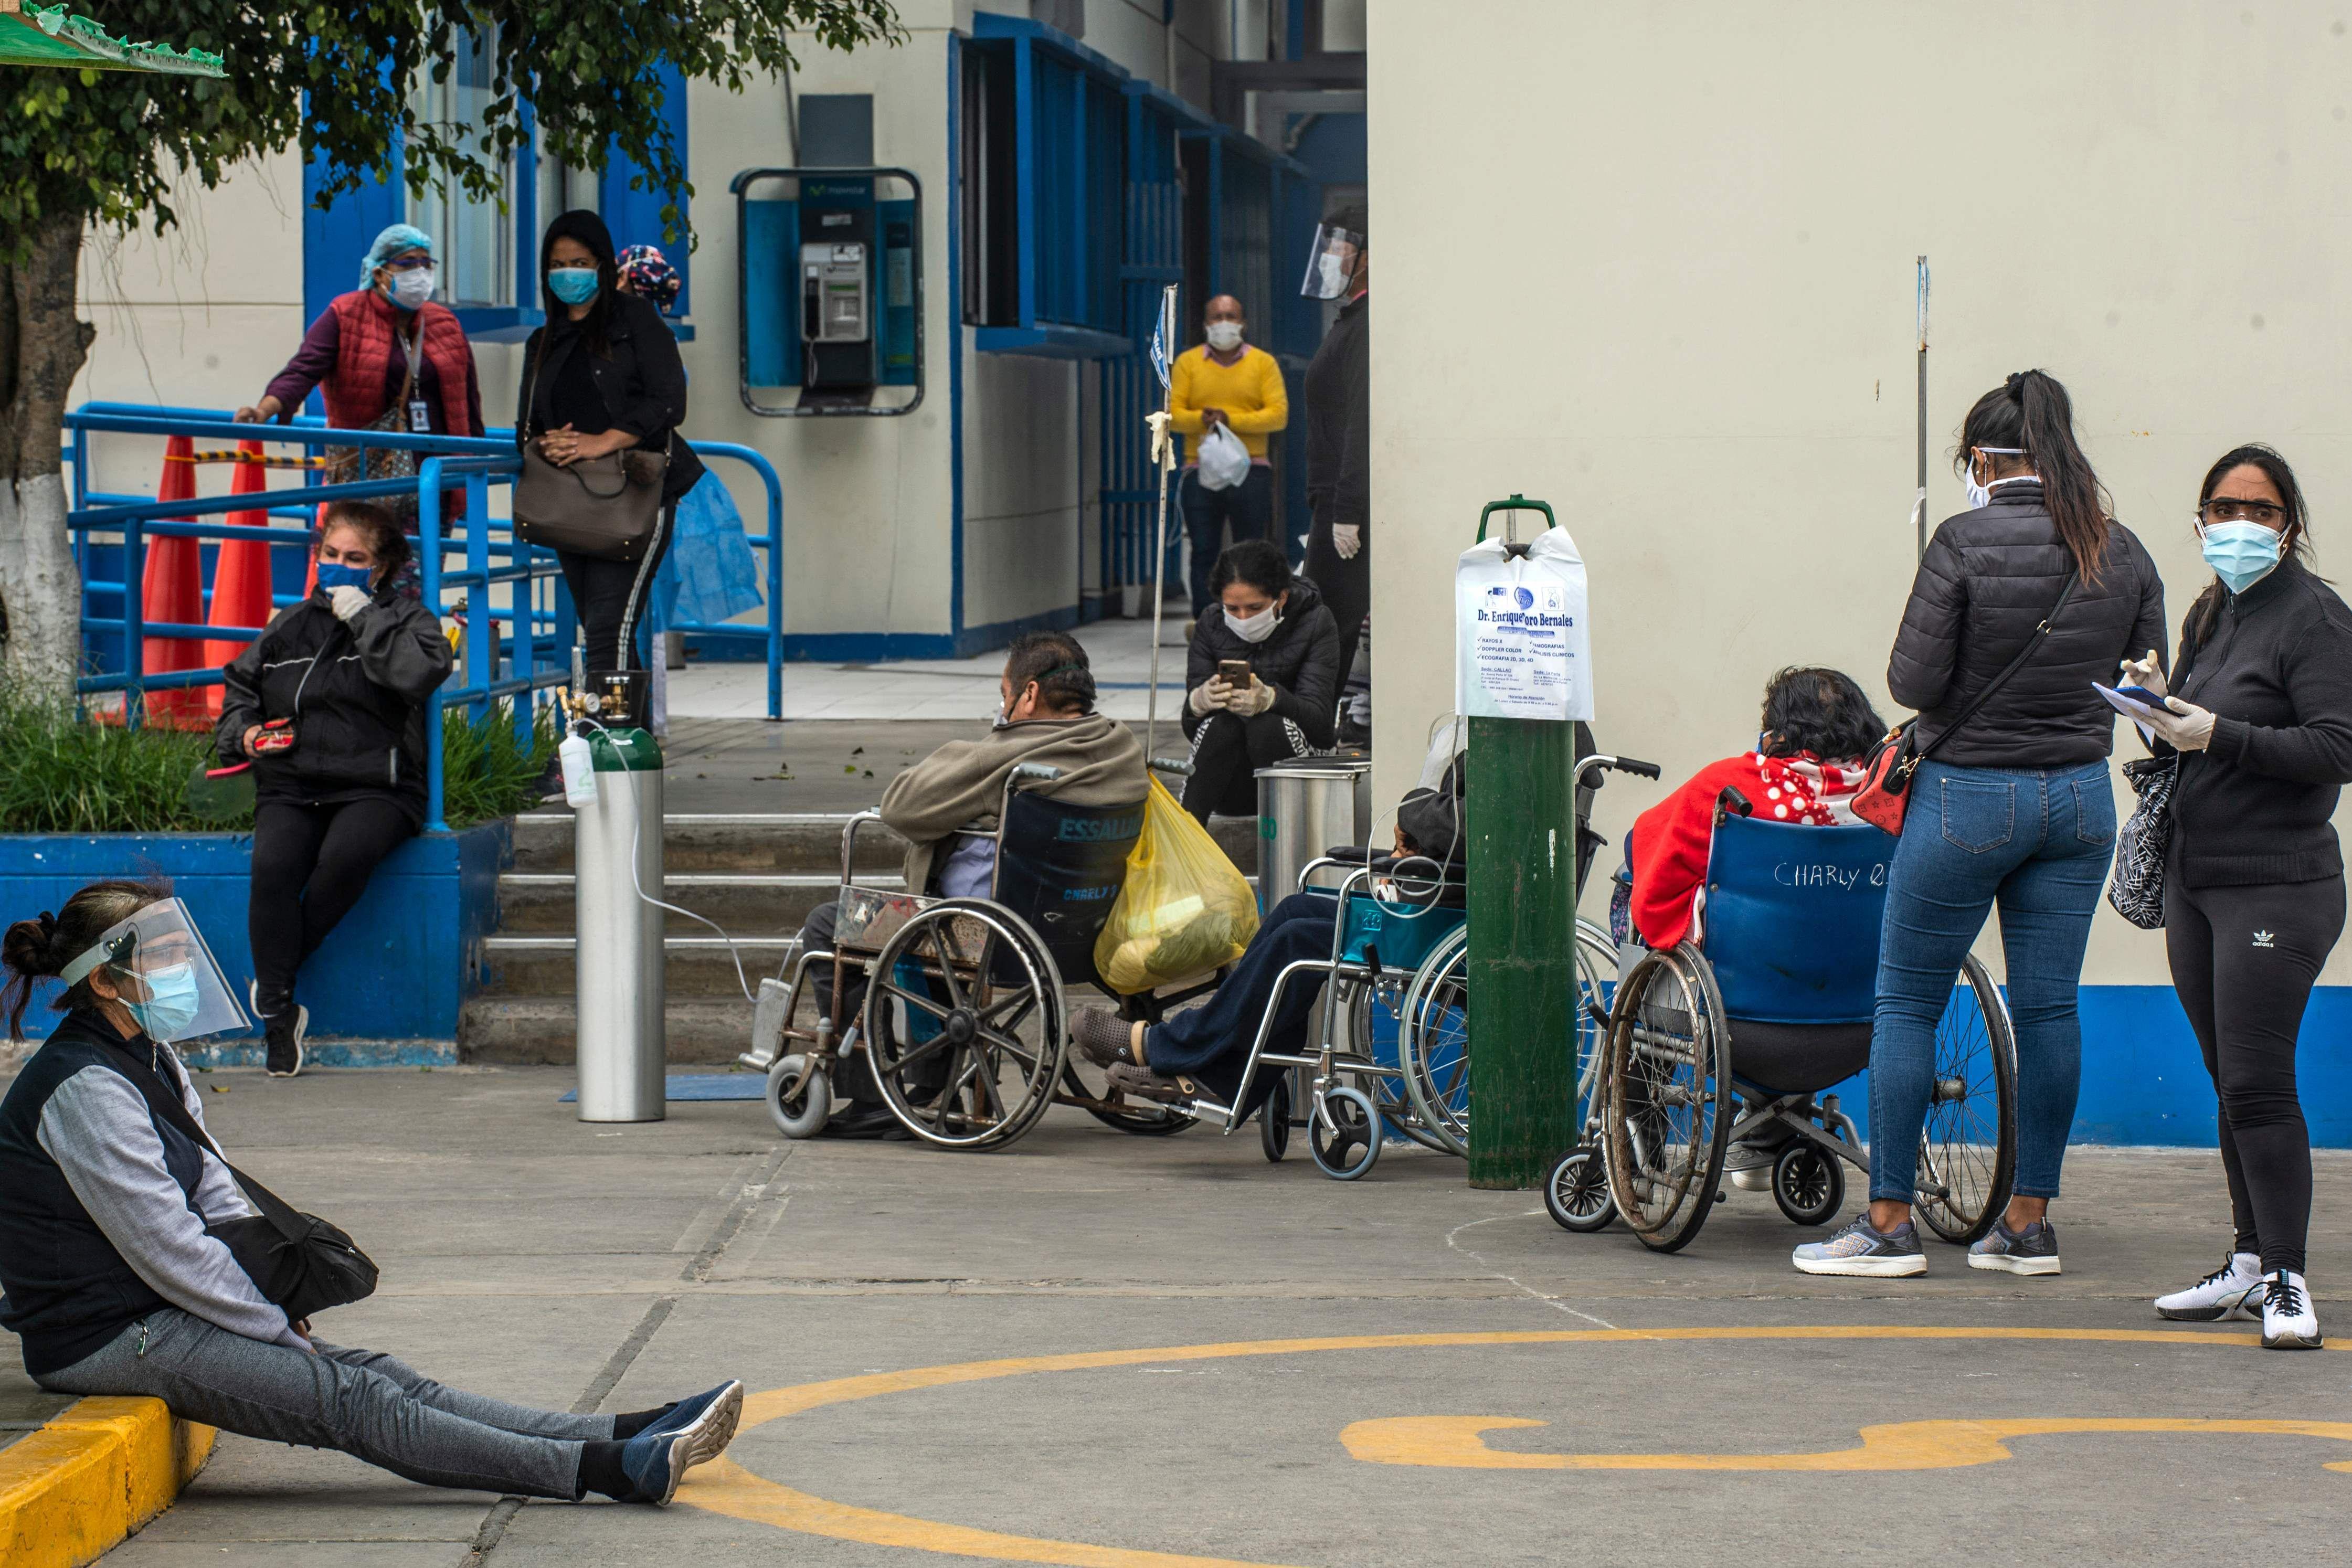 Peruanos hacen fila a la espera de recibir atención médica durante la primera ola de la pandemia, en Lima. Foto: AFP